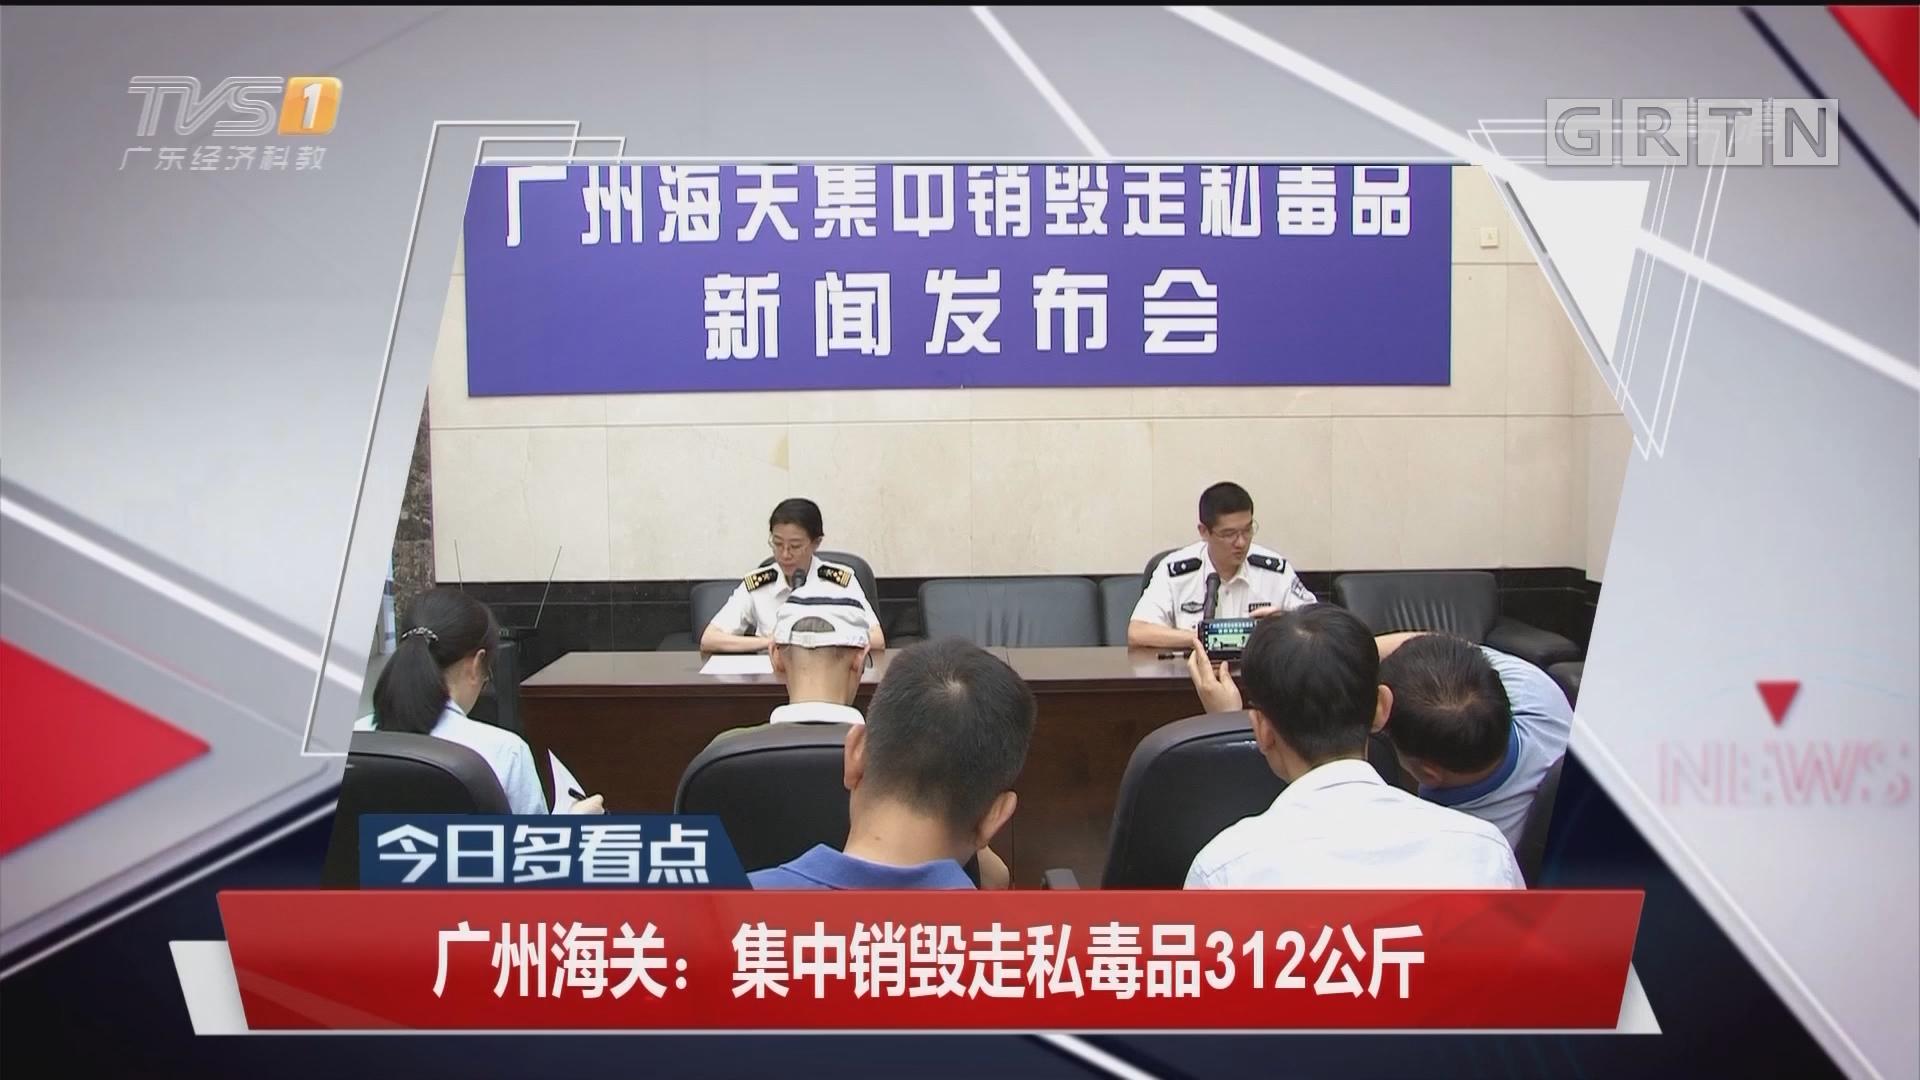 广州海关:集中销毁走私毒品312公斤